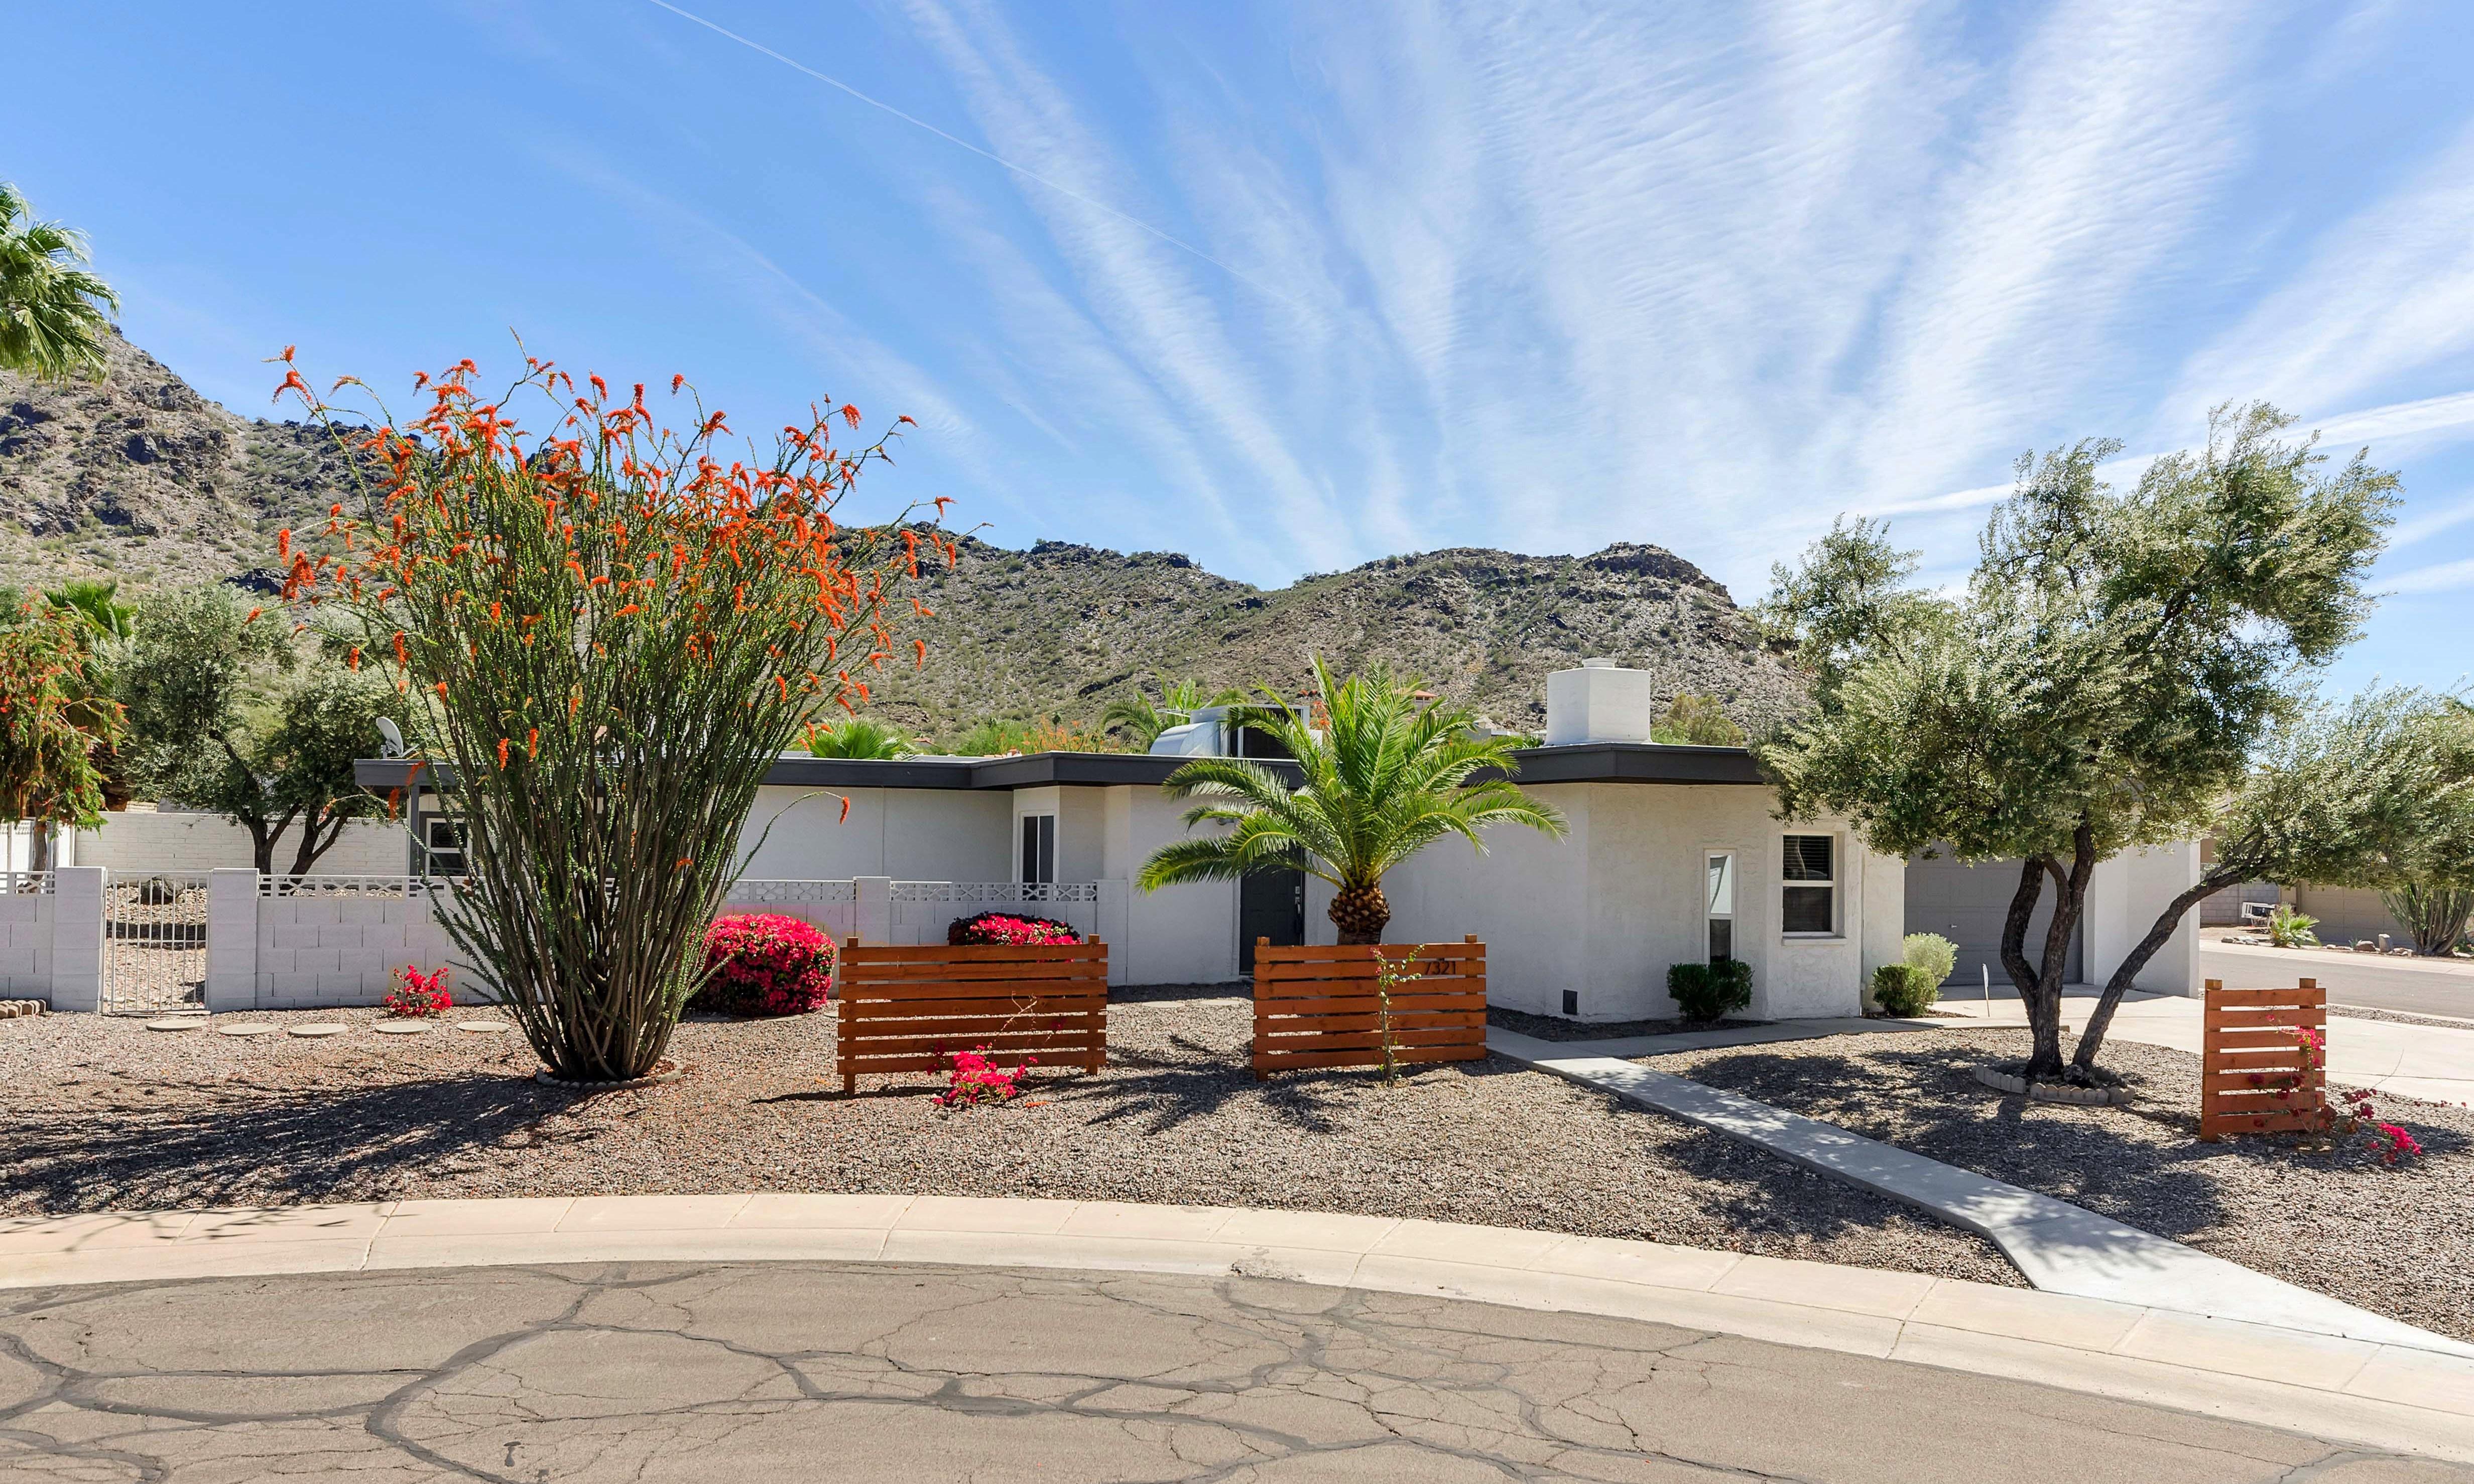 7321 N 21st Place, Phoenix, AZ 85020